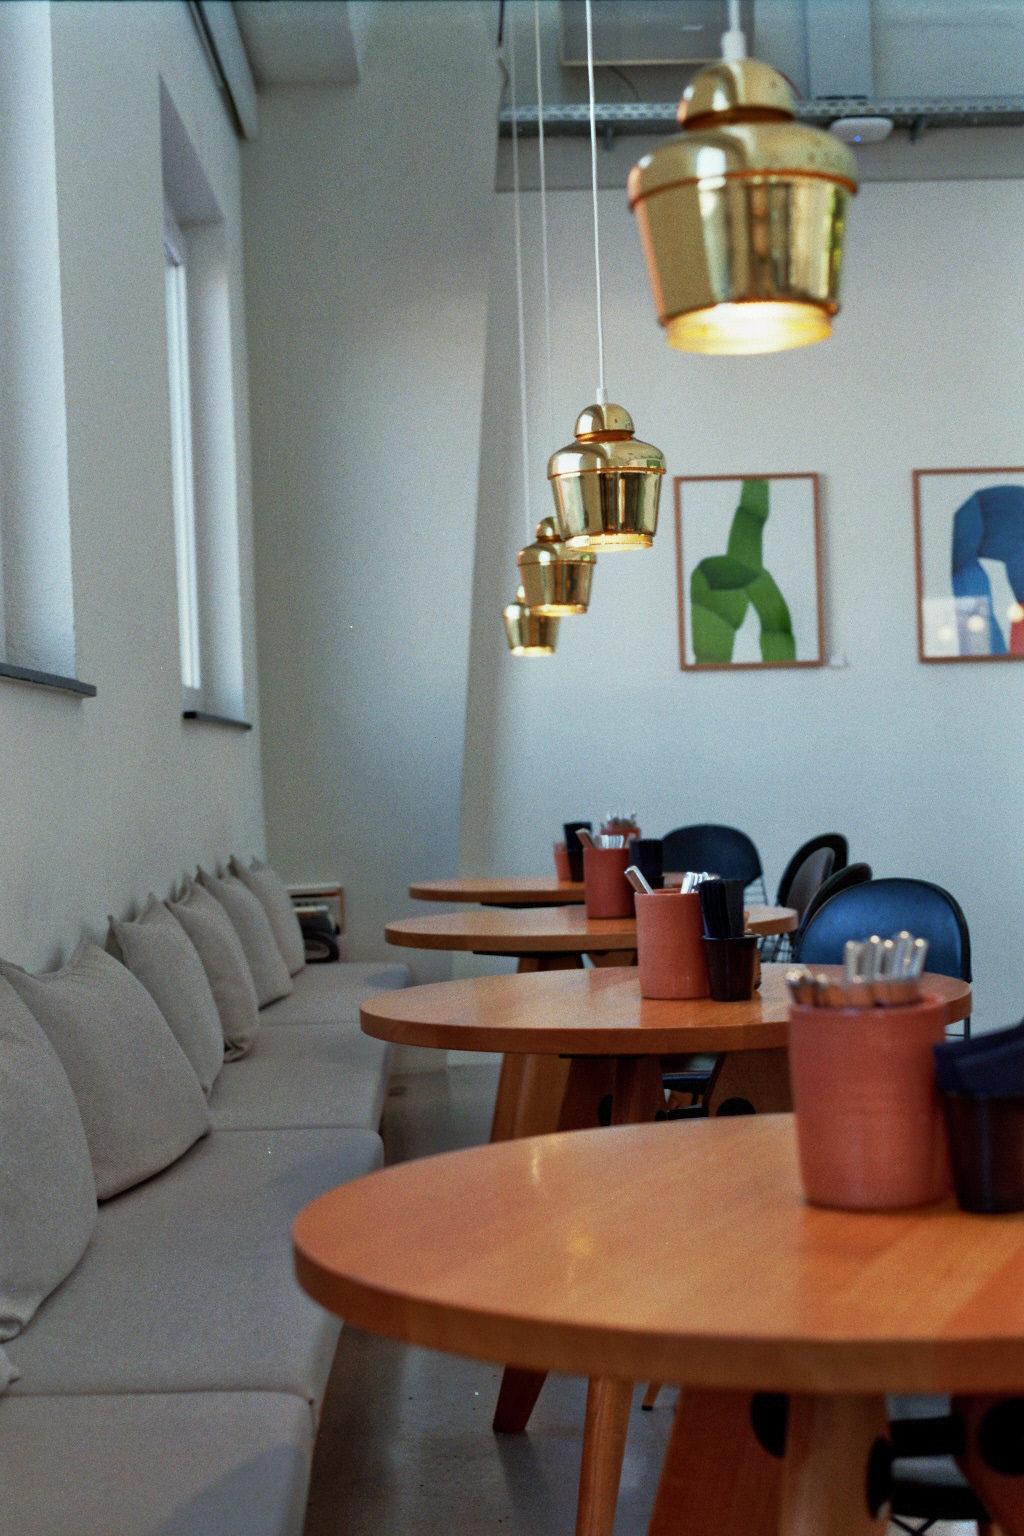 Bild mit Tischen und Lampen aus dem Vitra Cafe